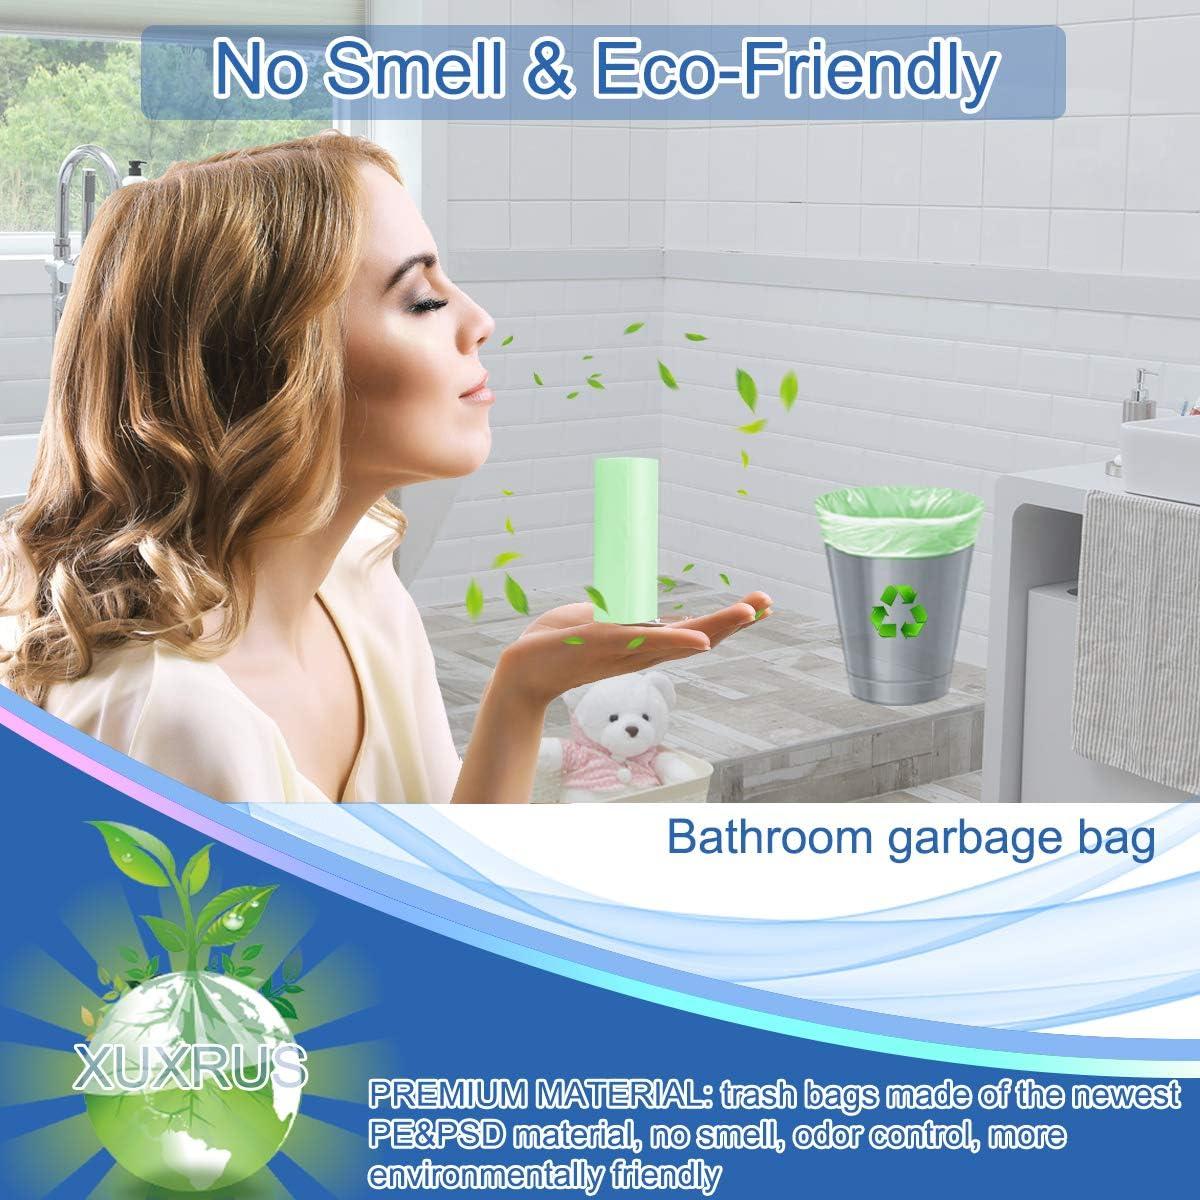 petits sacs en plastique pour bureau 1,2,3 gL 0,8 10 litres 78 gallons sacs poubelle de 3 gallons cuisine transparent XUXRUS Petite poubelle de salle de bain